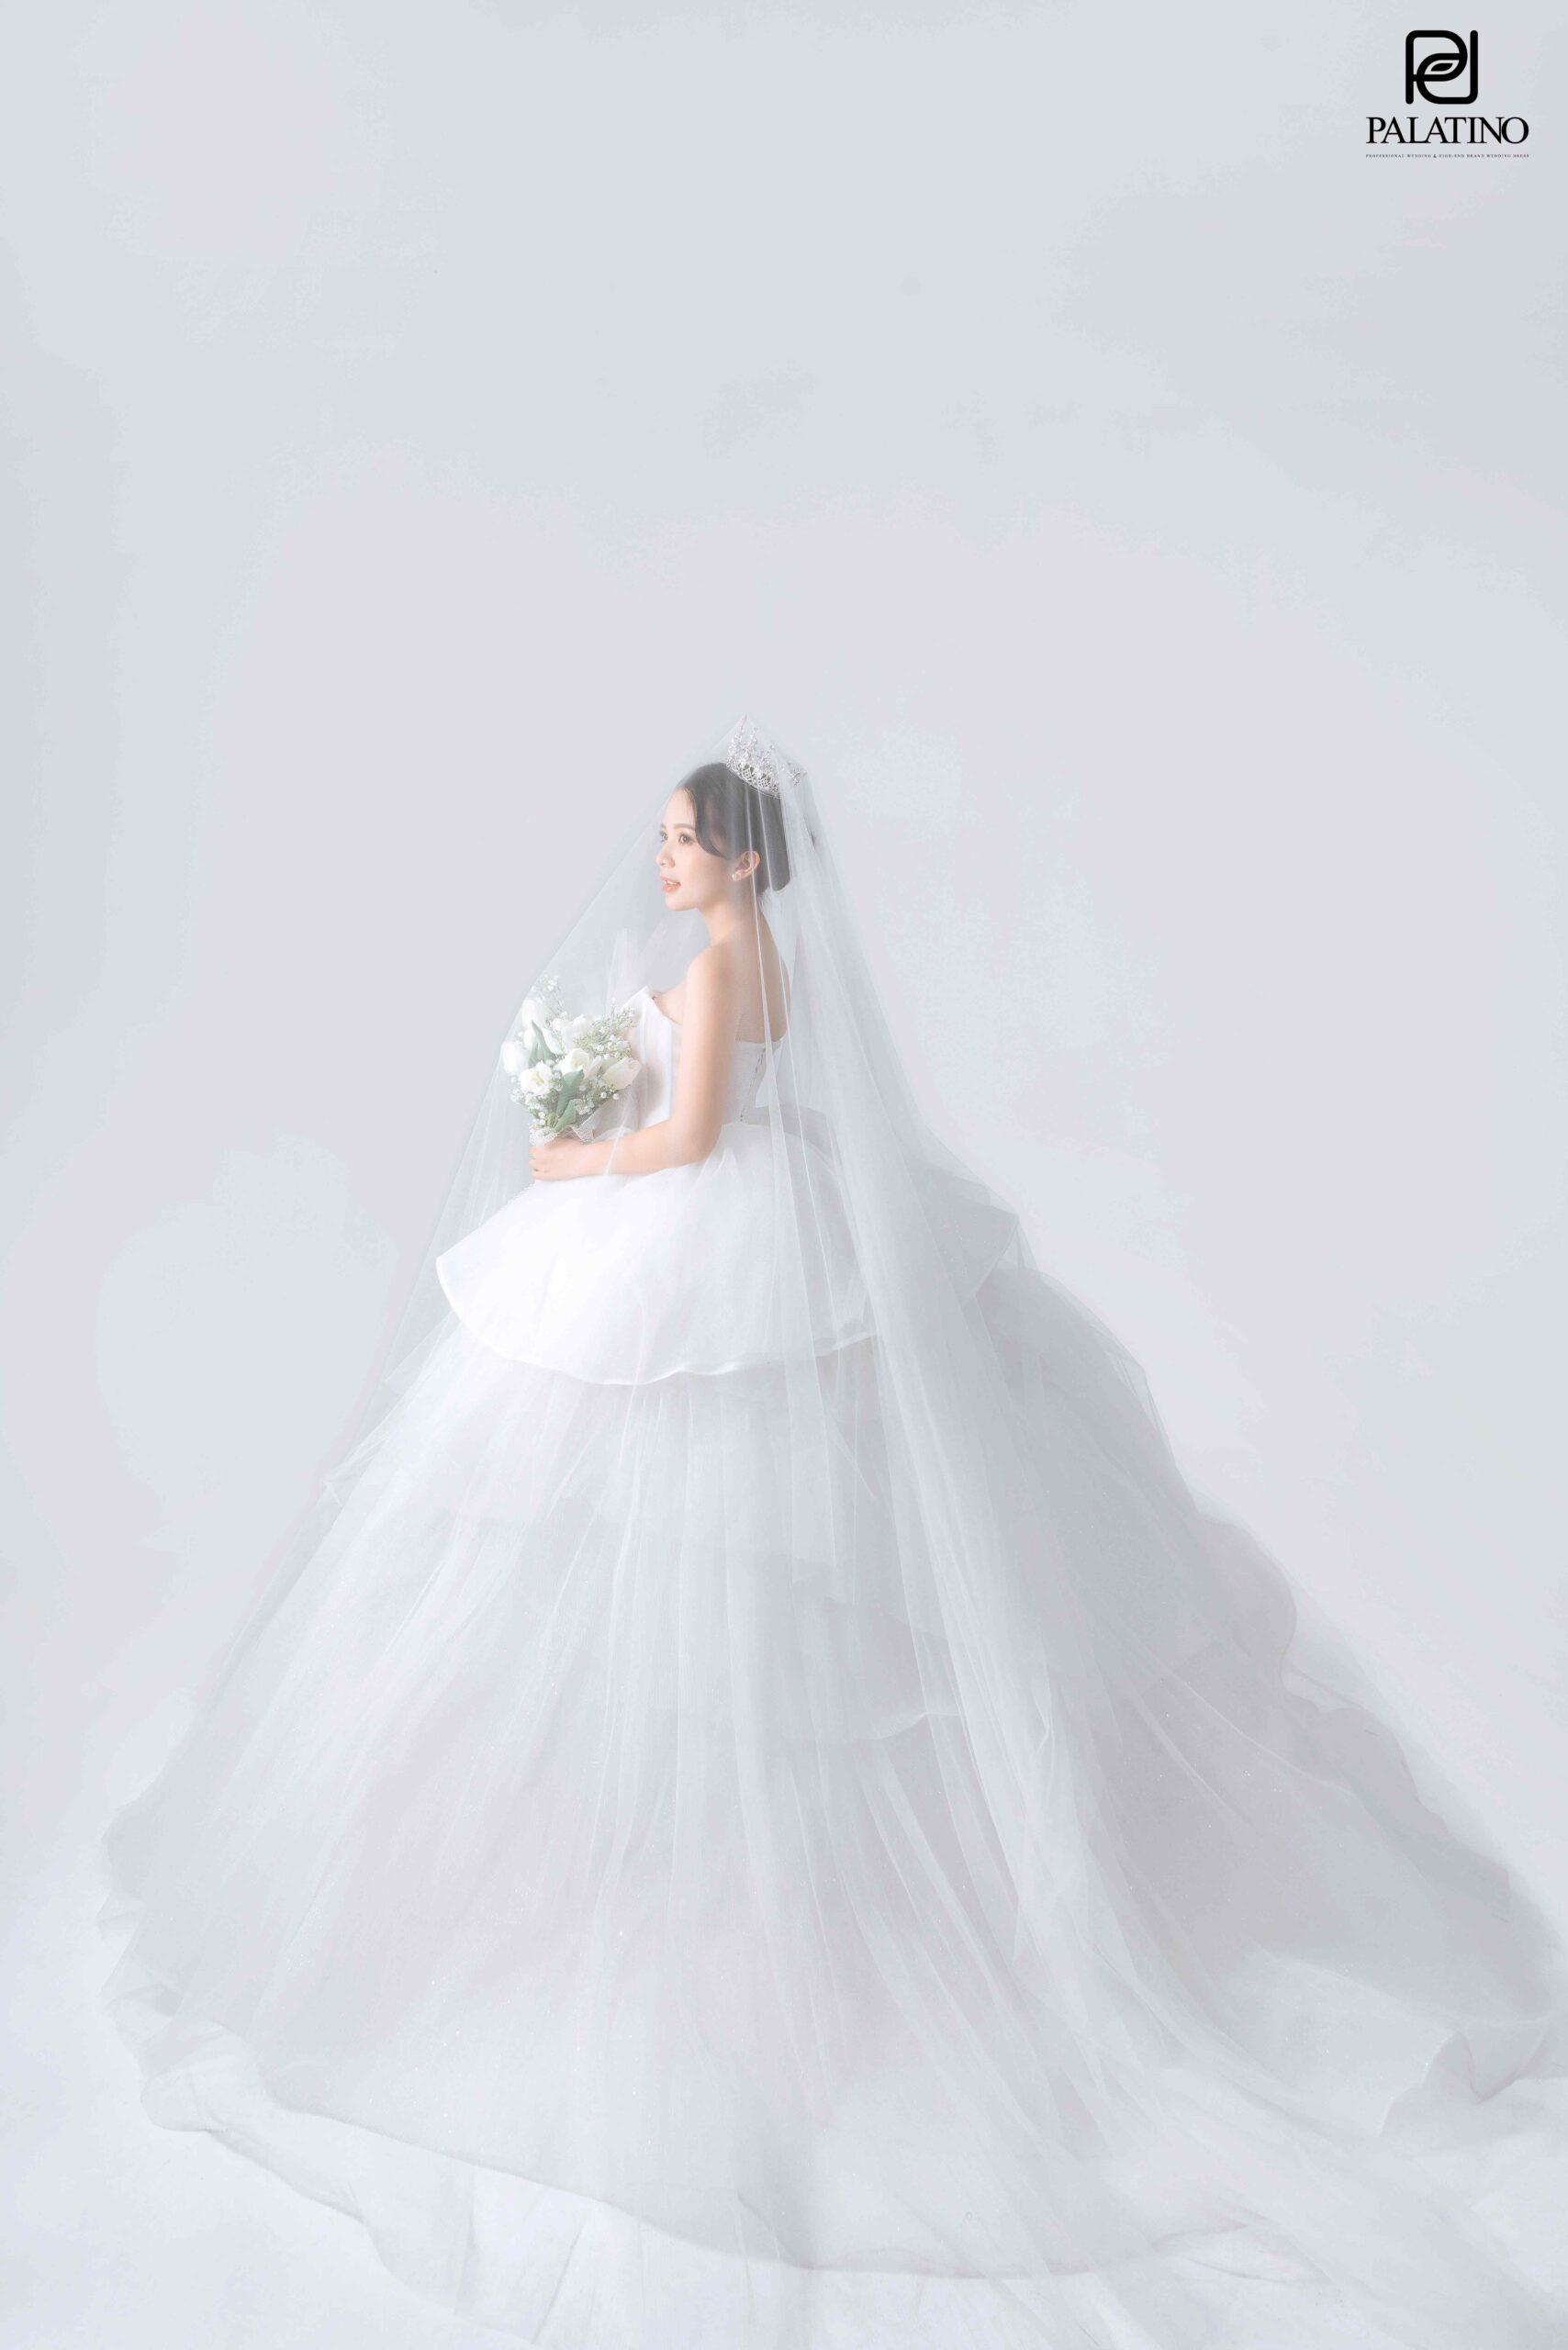 Cần chuẩn bị gì trước khi chụp ảnh cưới